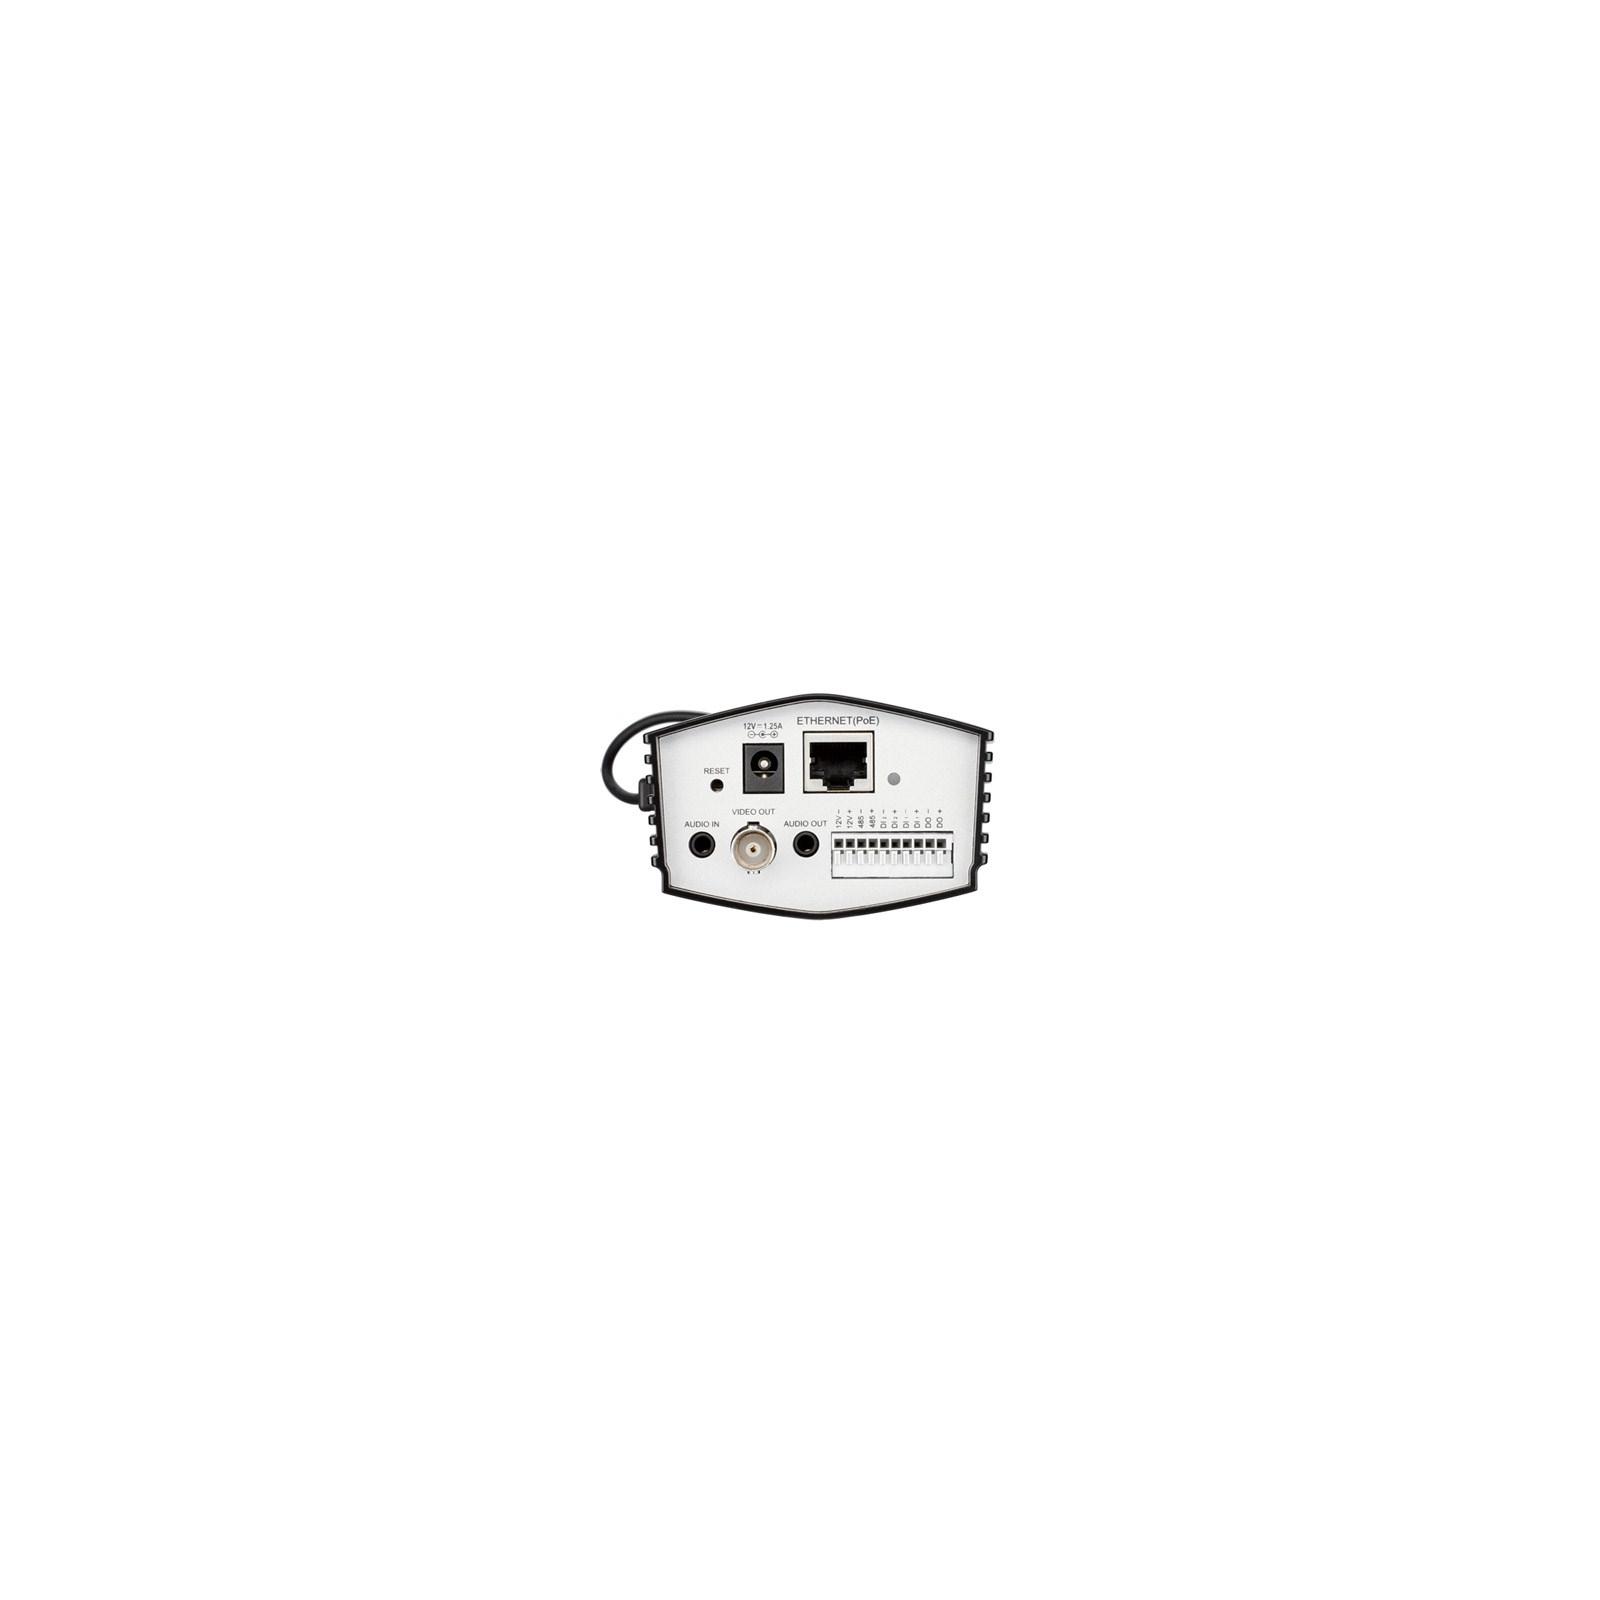 Сетевая камера D-Link DCS-3112 изображение 2